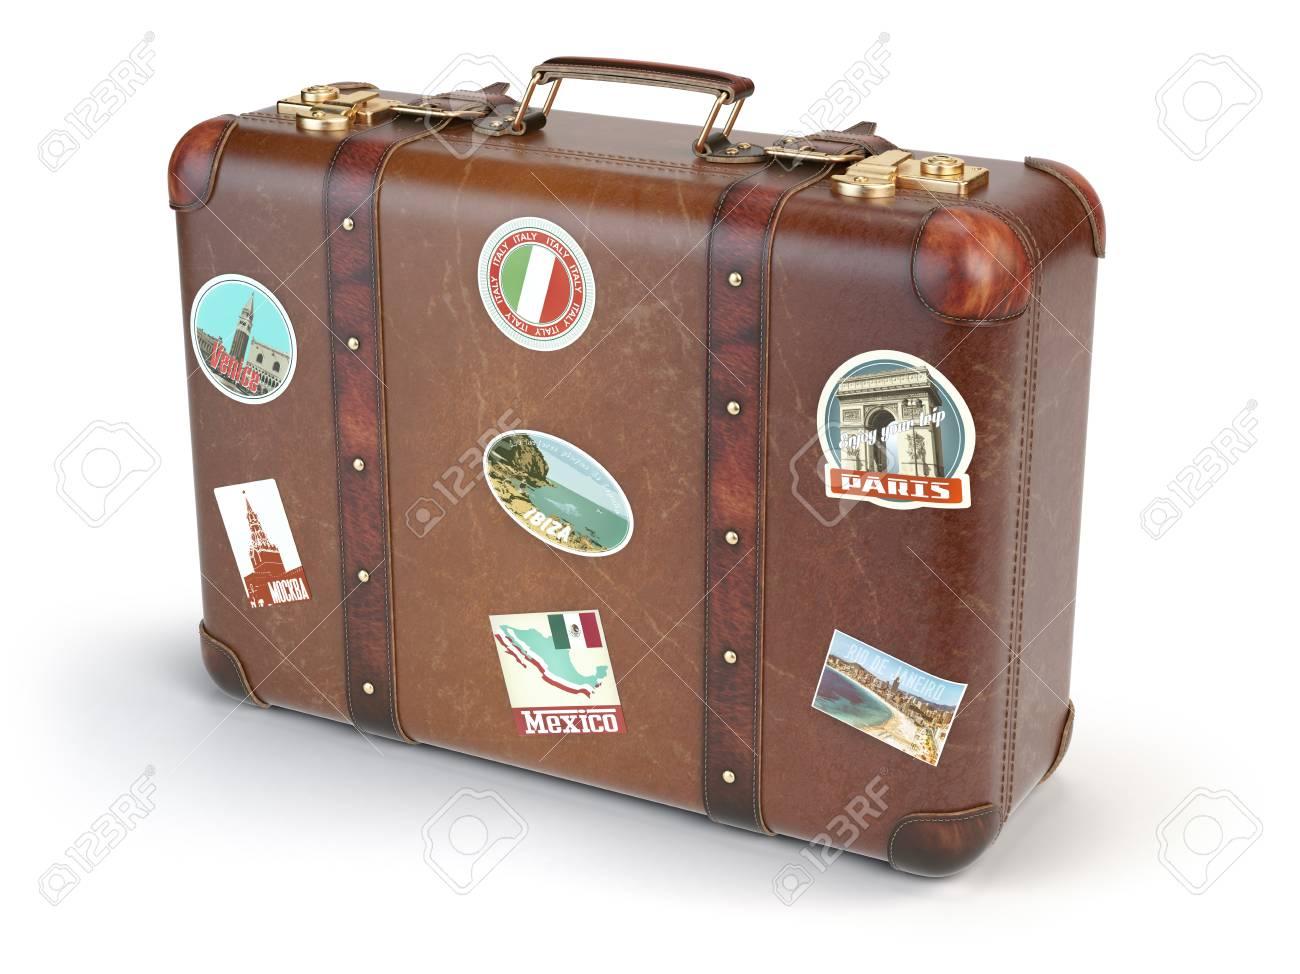 Verrassend Retro Koffer Beggage Mit Reise-Aufkleber Auf Weißem Hintergrund FH-21